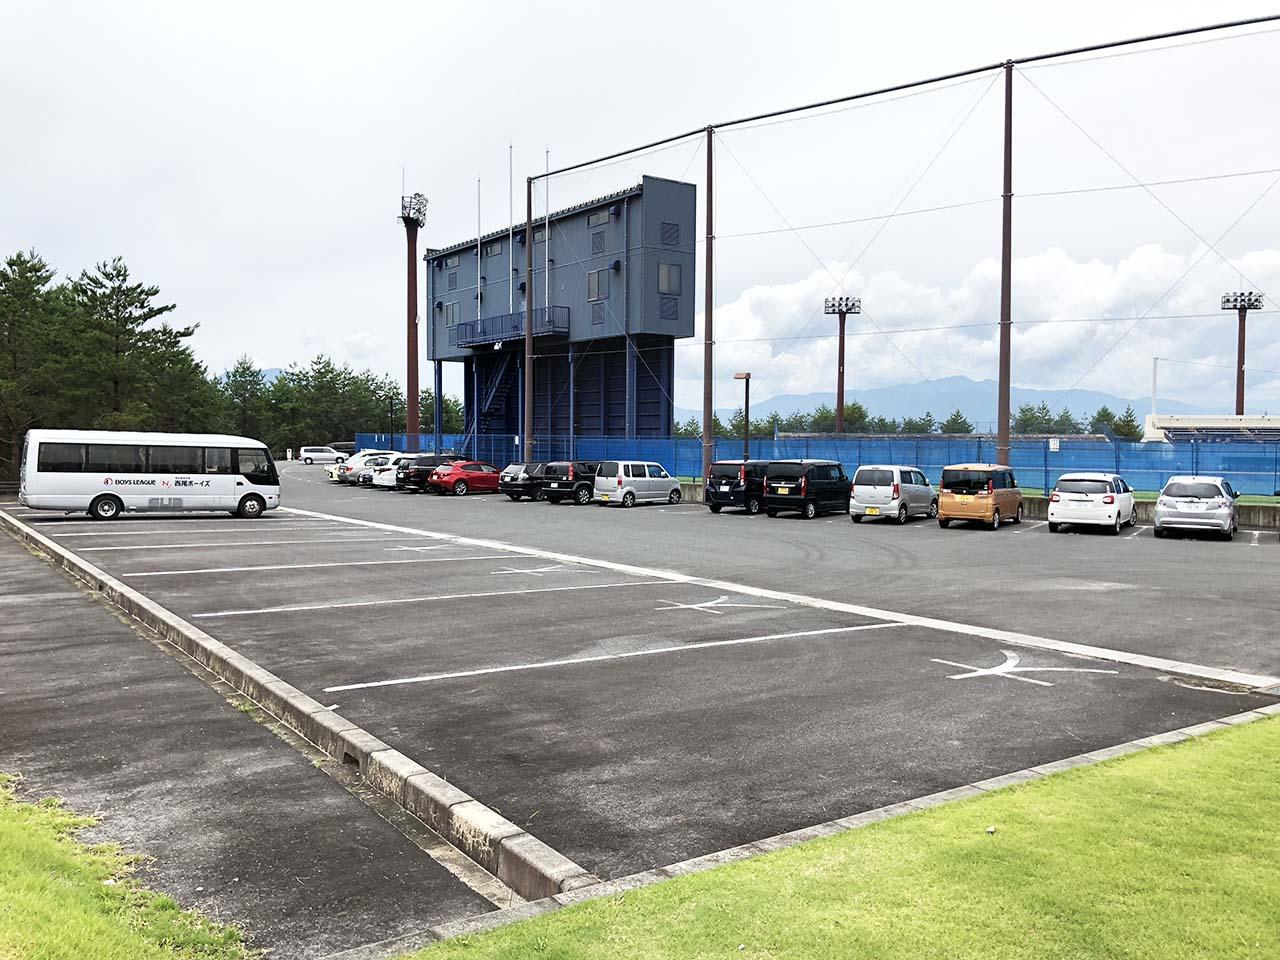 子供と遊ぶ公園中津川市の中津川公園の第6駐車場